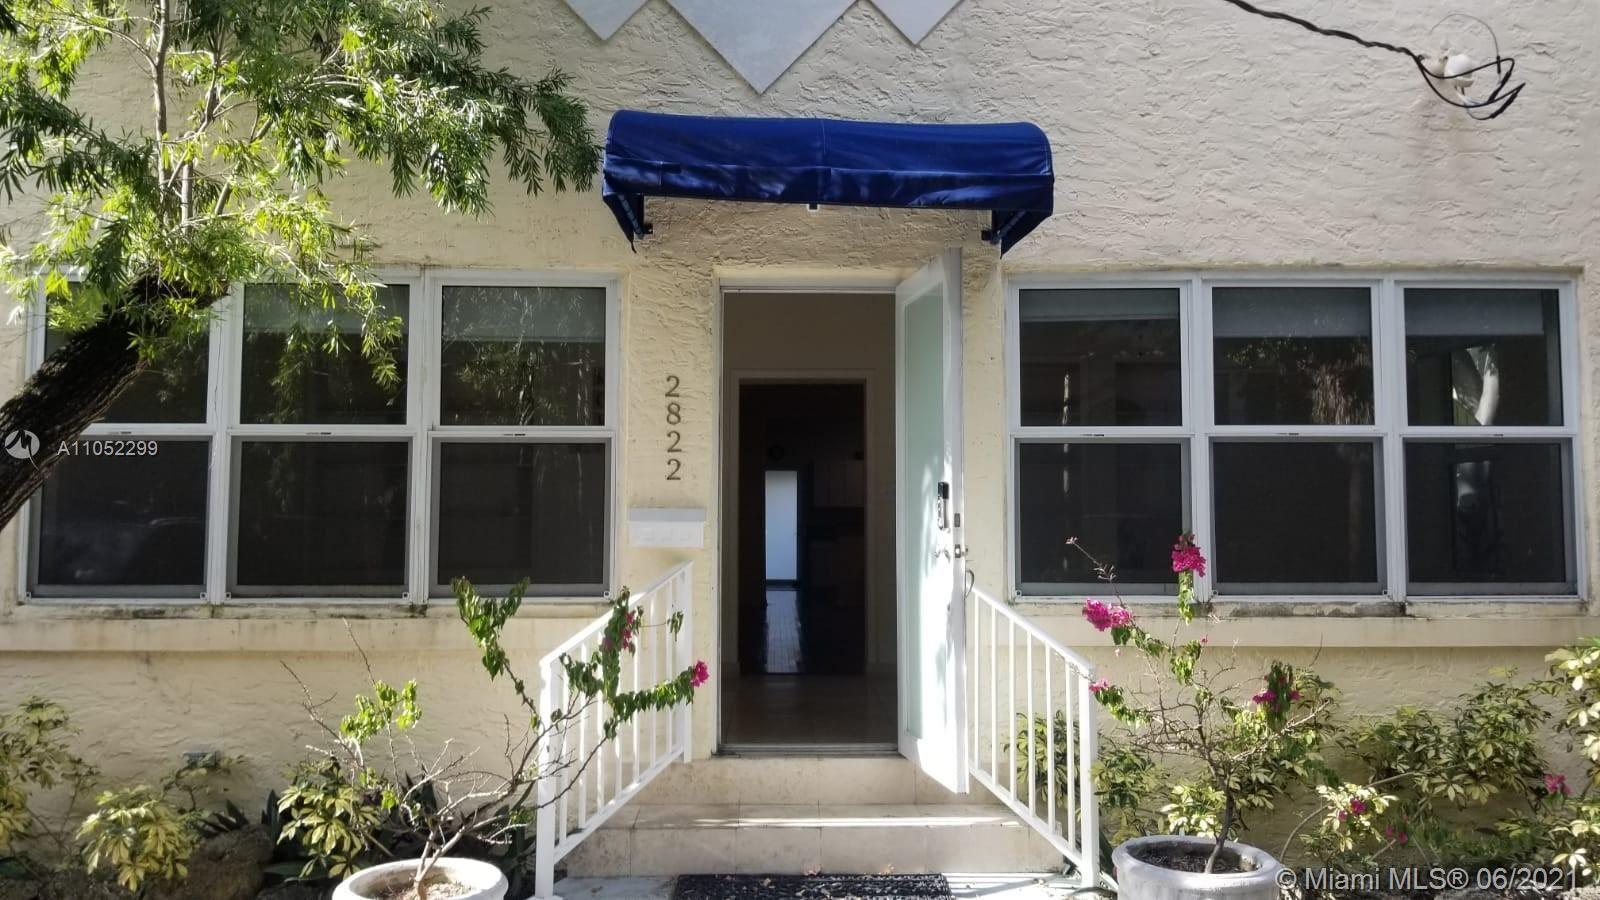 2822 SW Coconut Ave, Miami, FL 33133 - #: A11052299